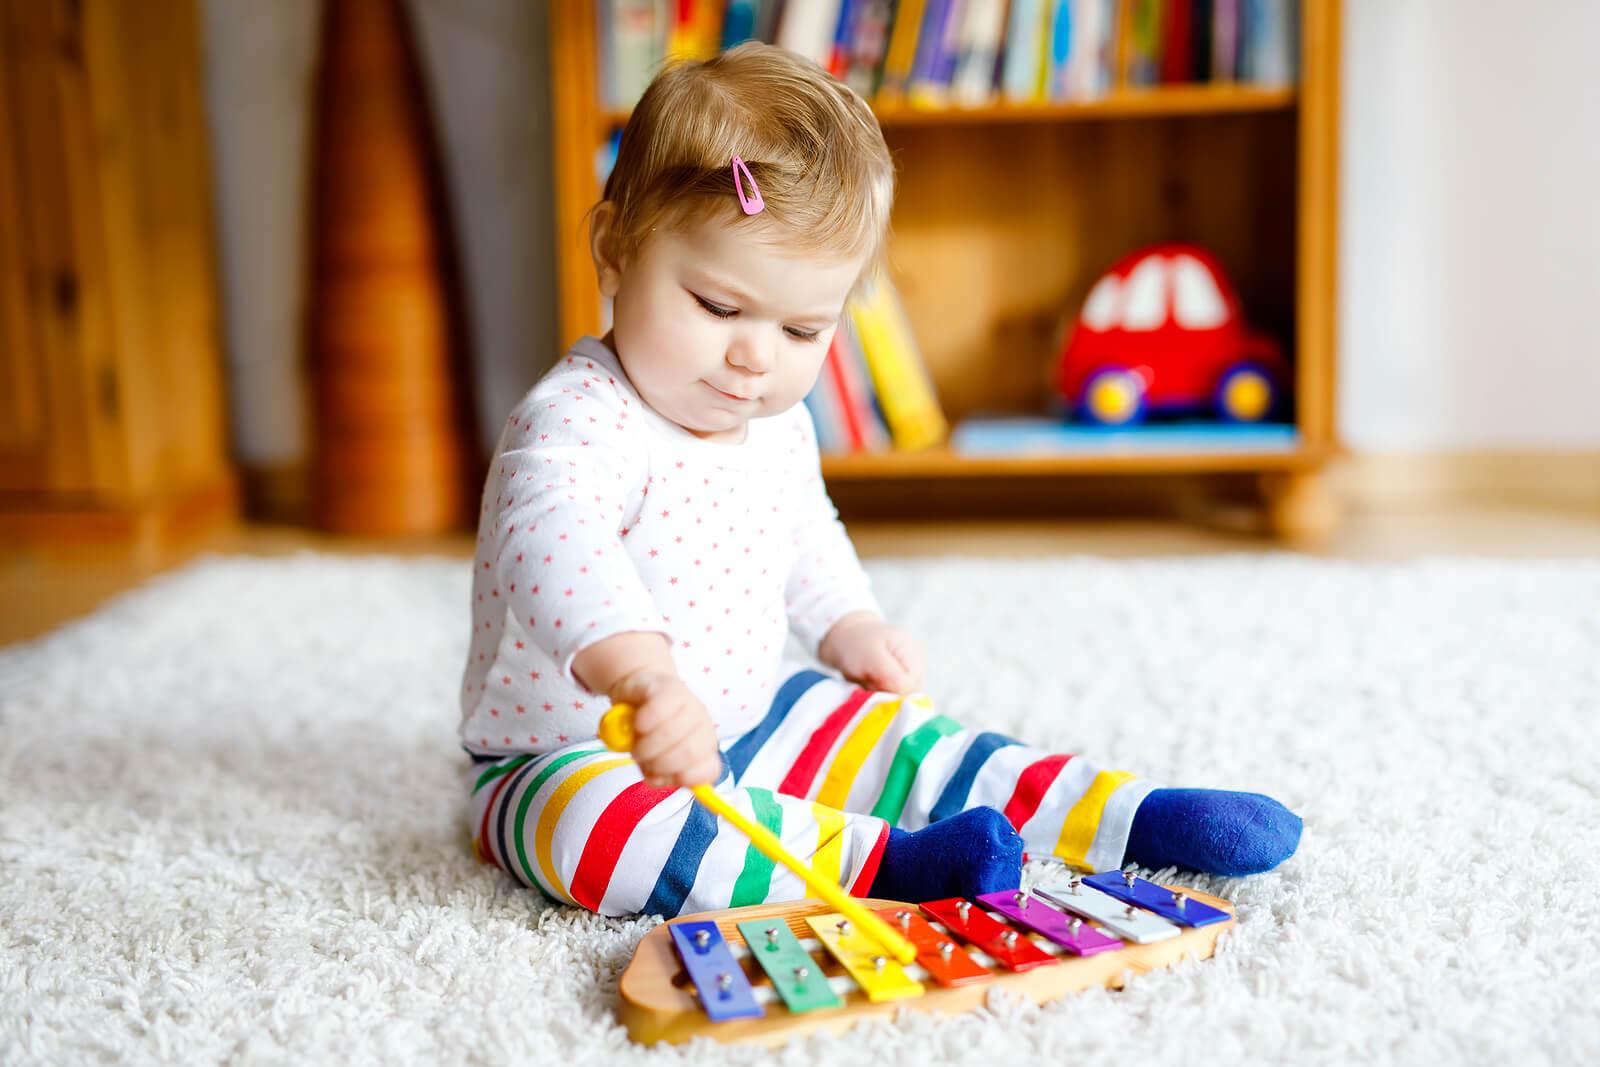 Bebé tocando un xilófono y haciendo música para potenciar el desarrollo integral infantil.